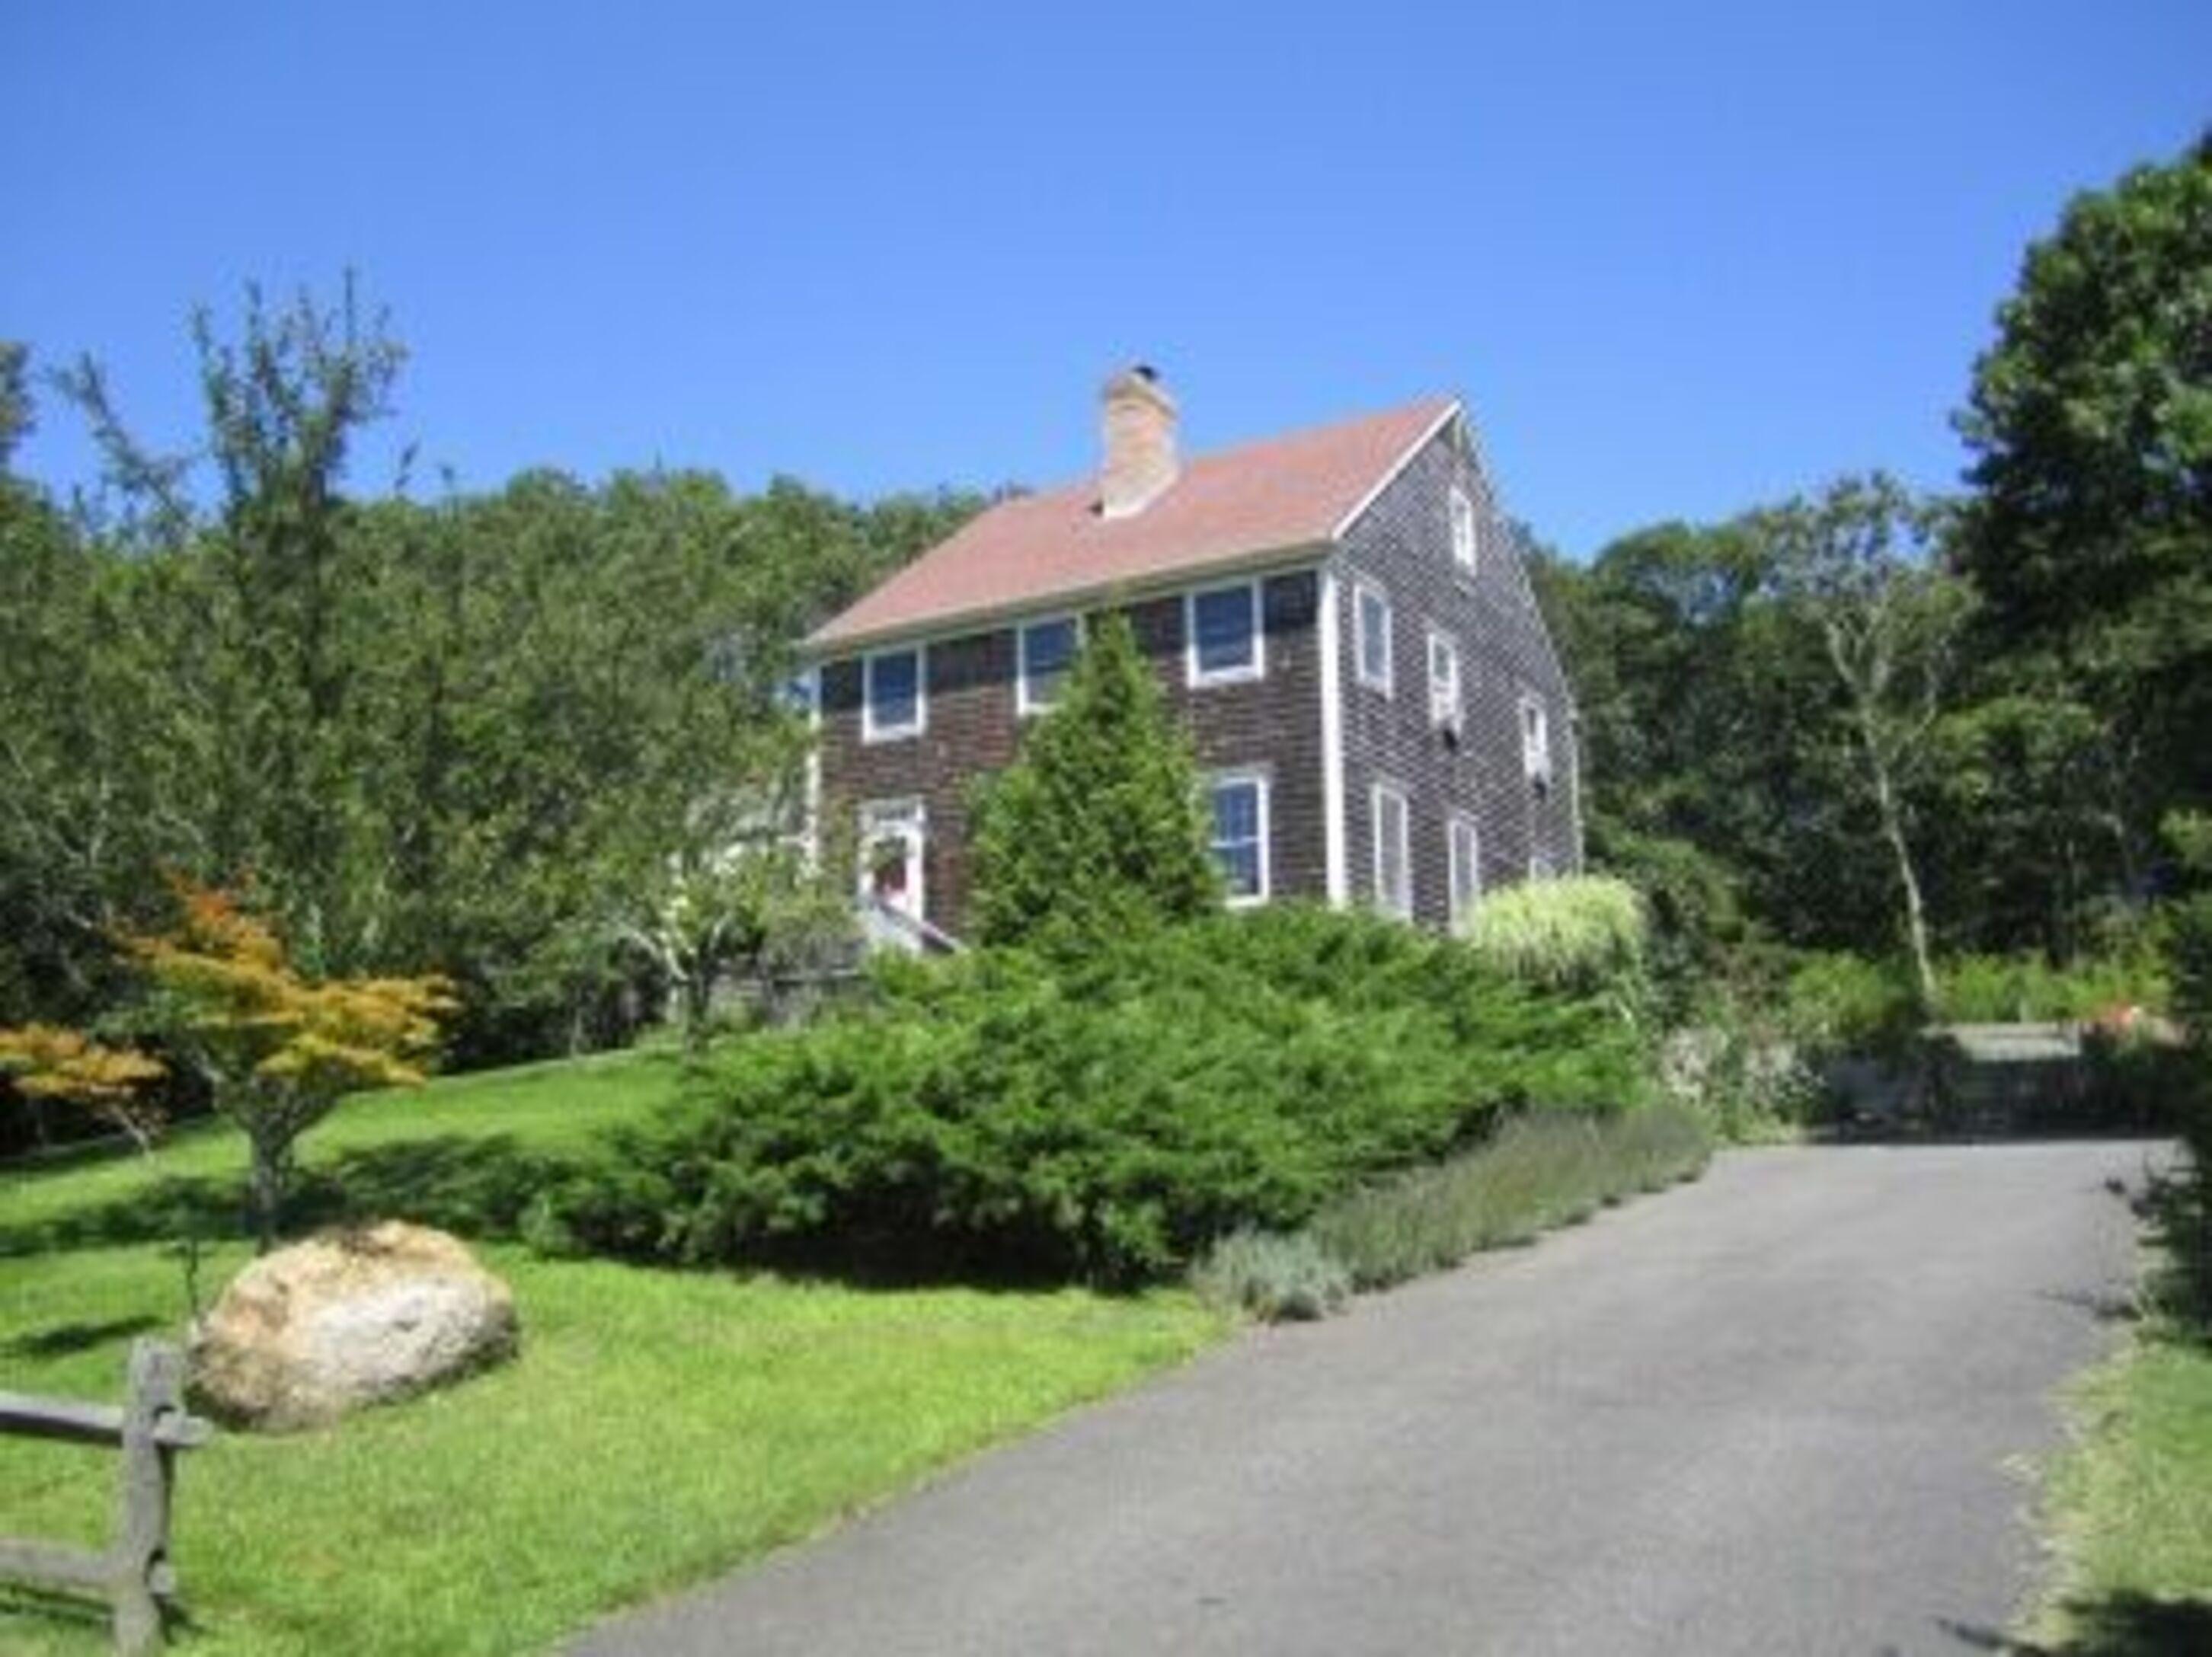 37 Robeson Blvd - Sag Harbor Village, New York